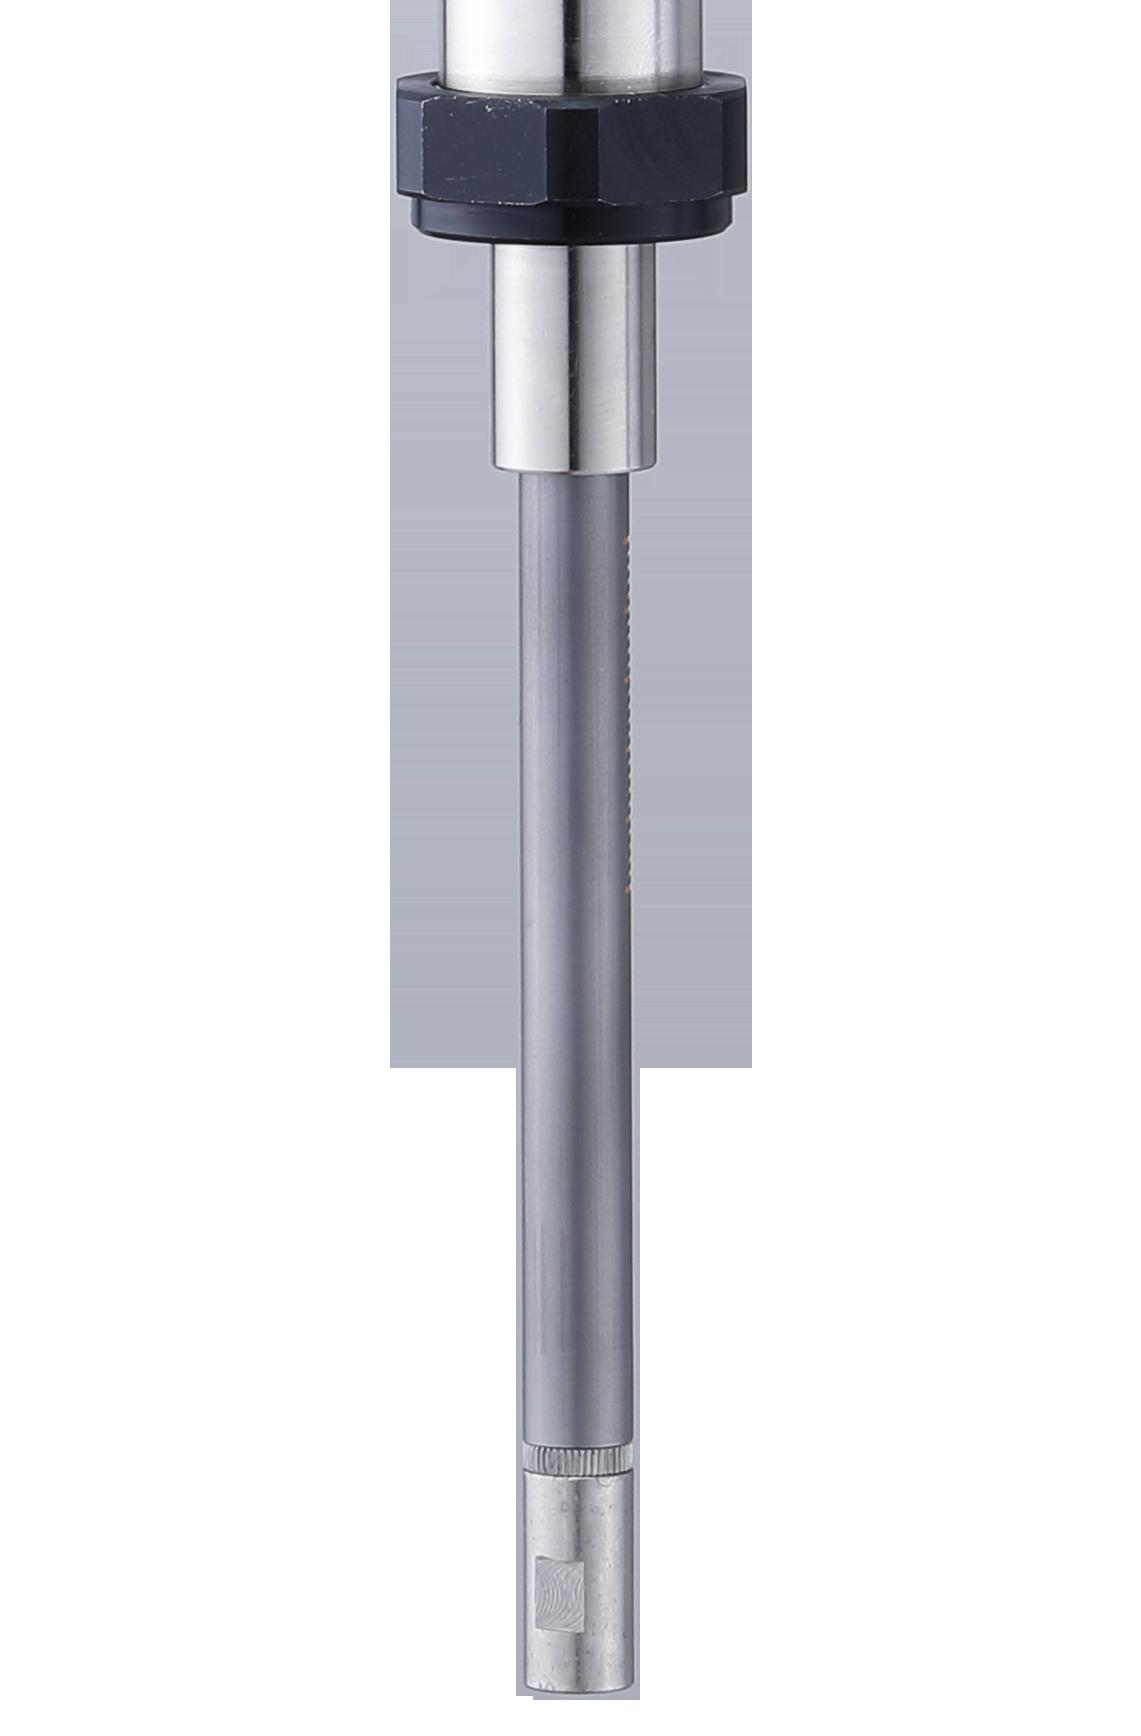 自動機用FRサクション製品表面仕様変更のお知らせ